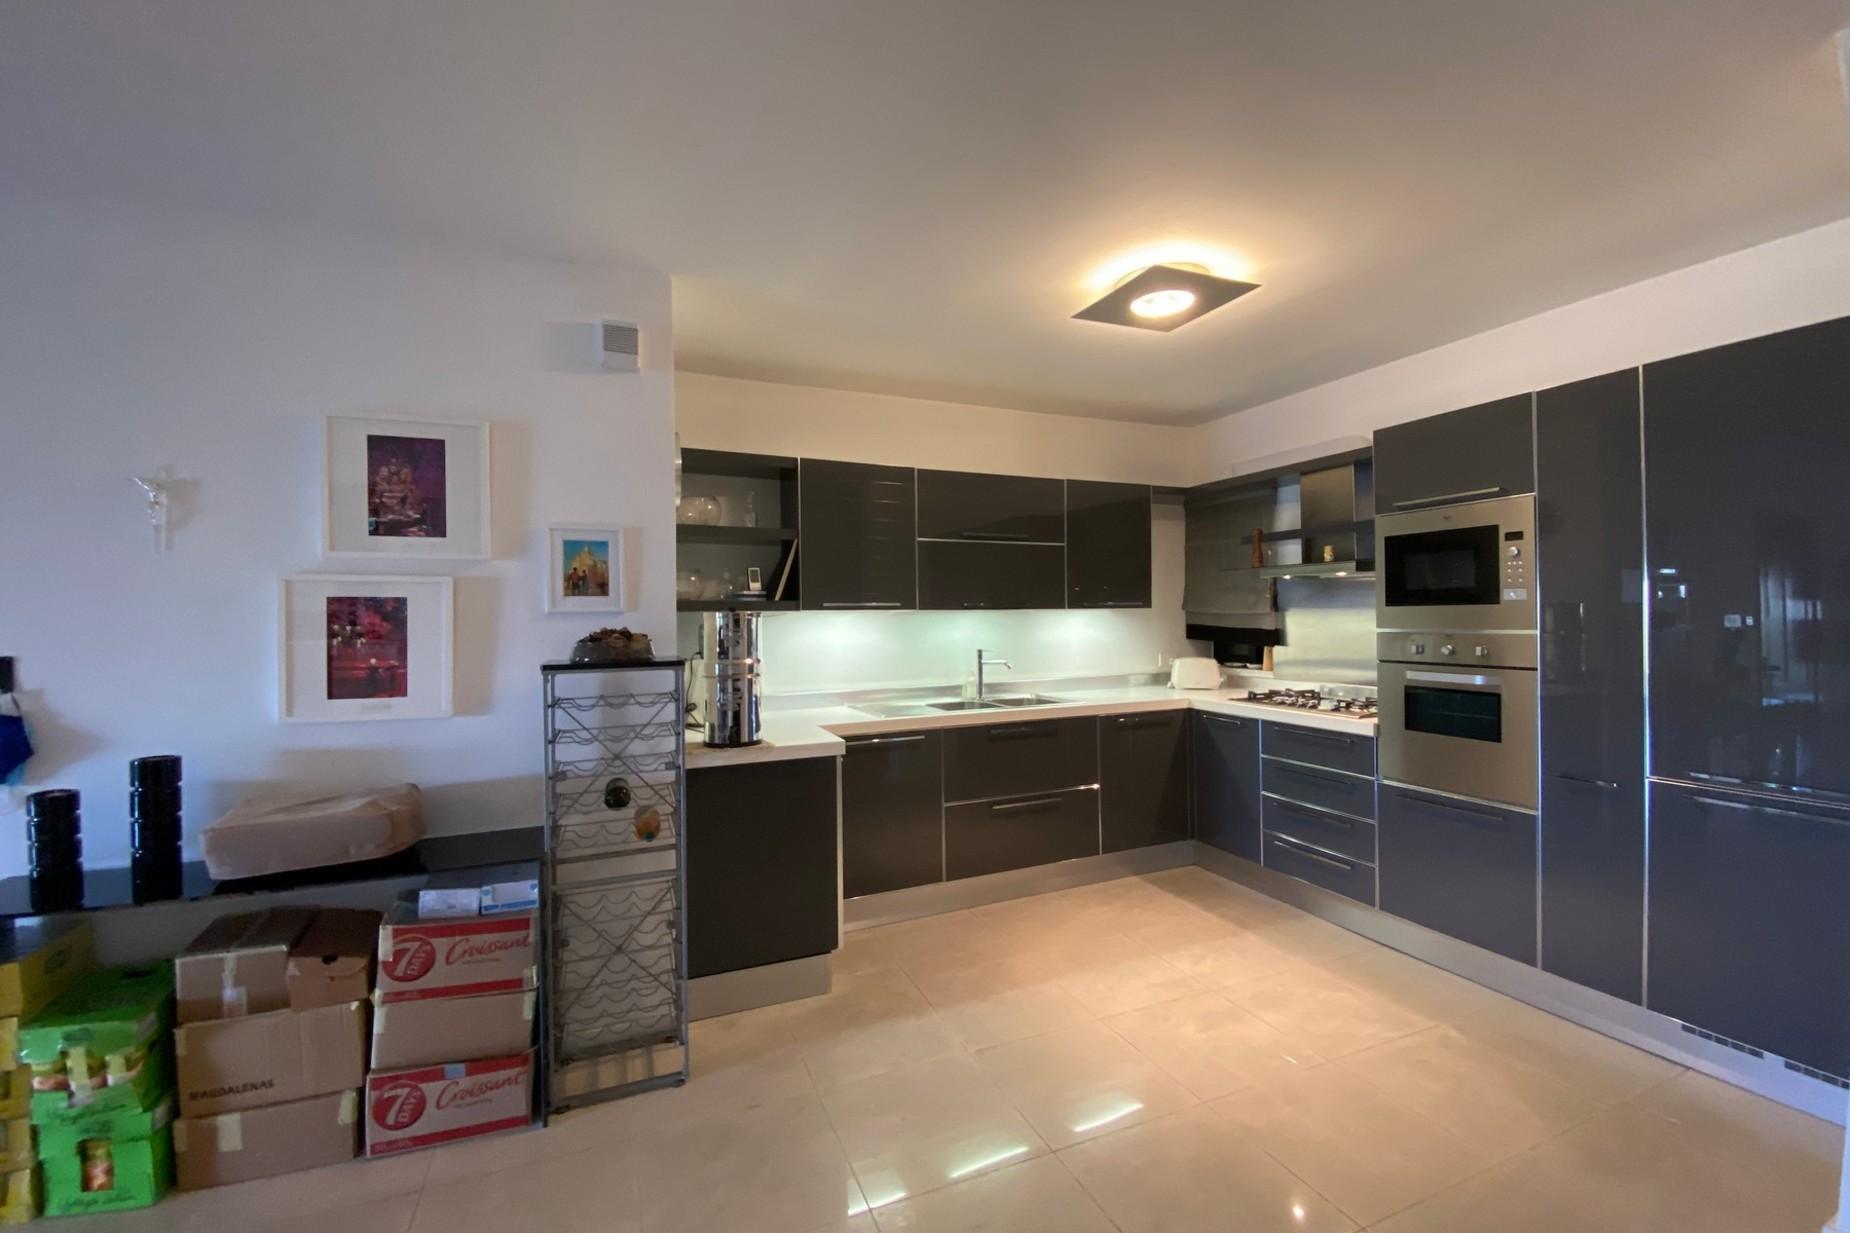 3 bed Apartment For Sale in Pieta, Pieta - thumb 14